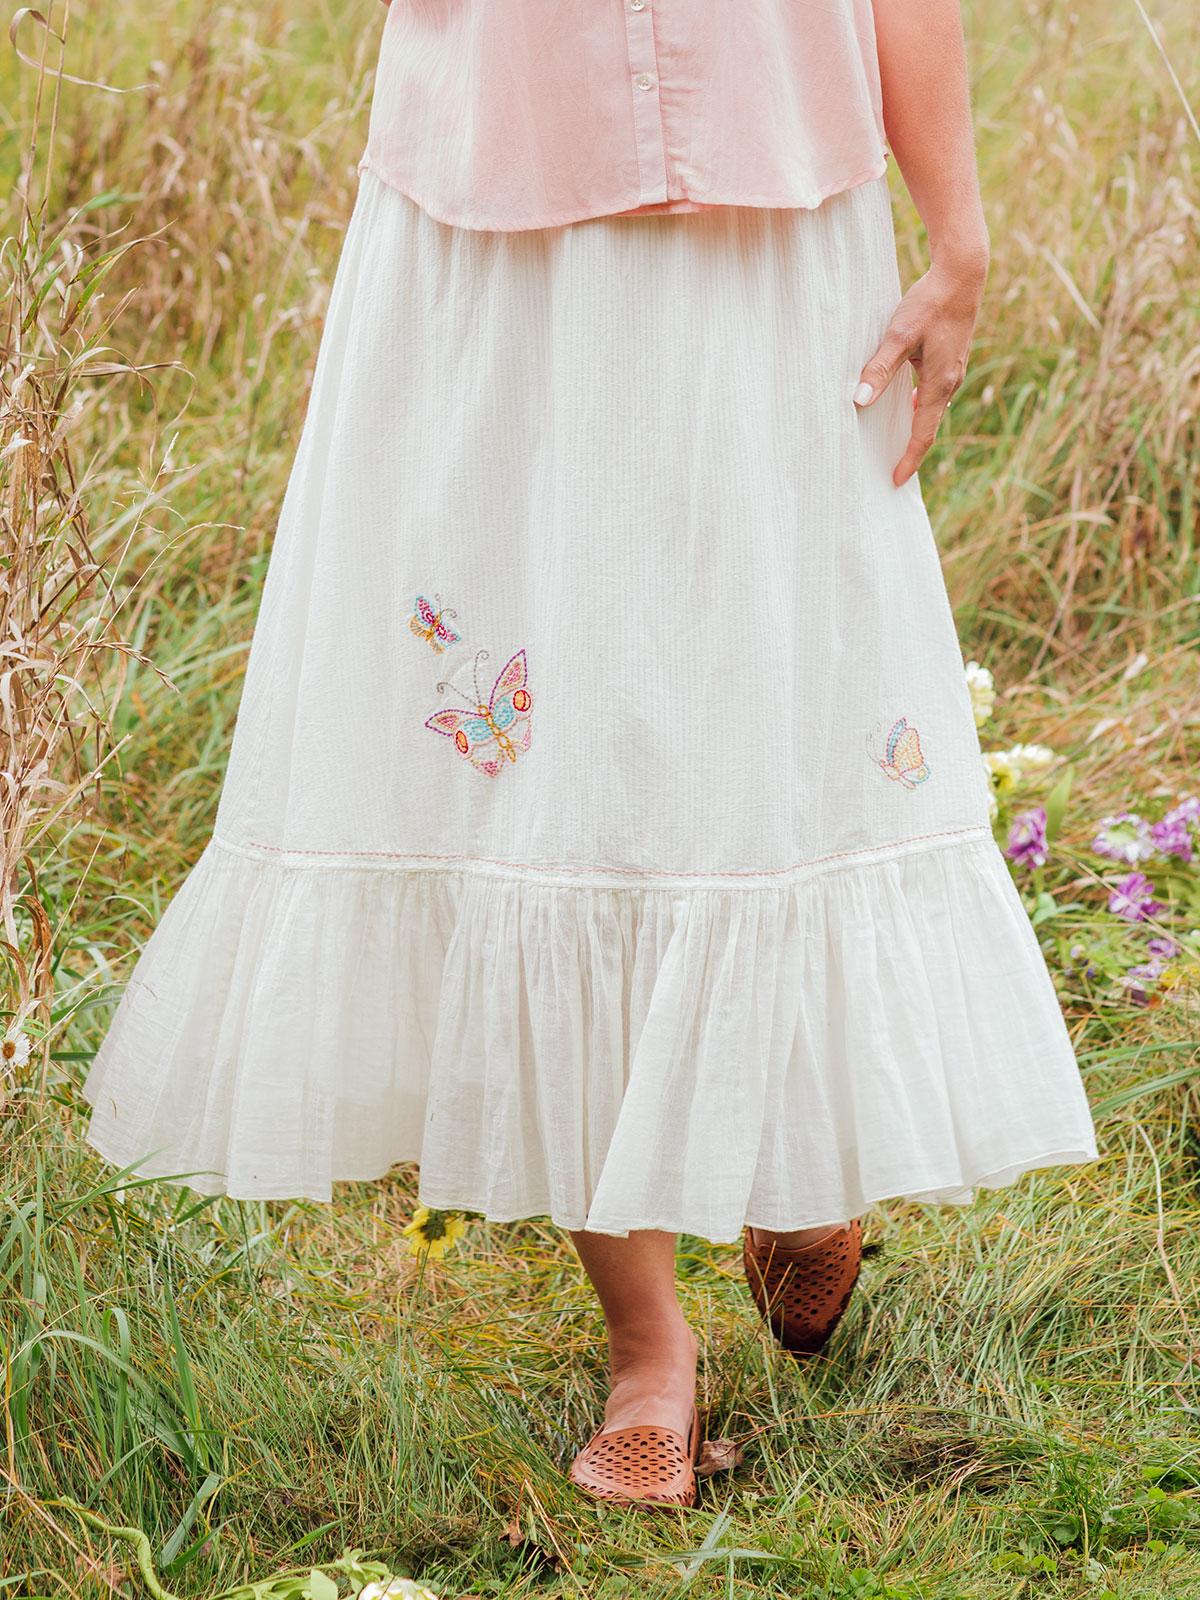 Butterfly Flounce Skirt